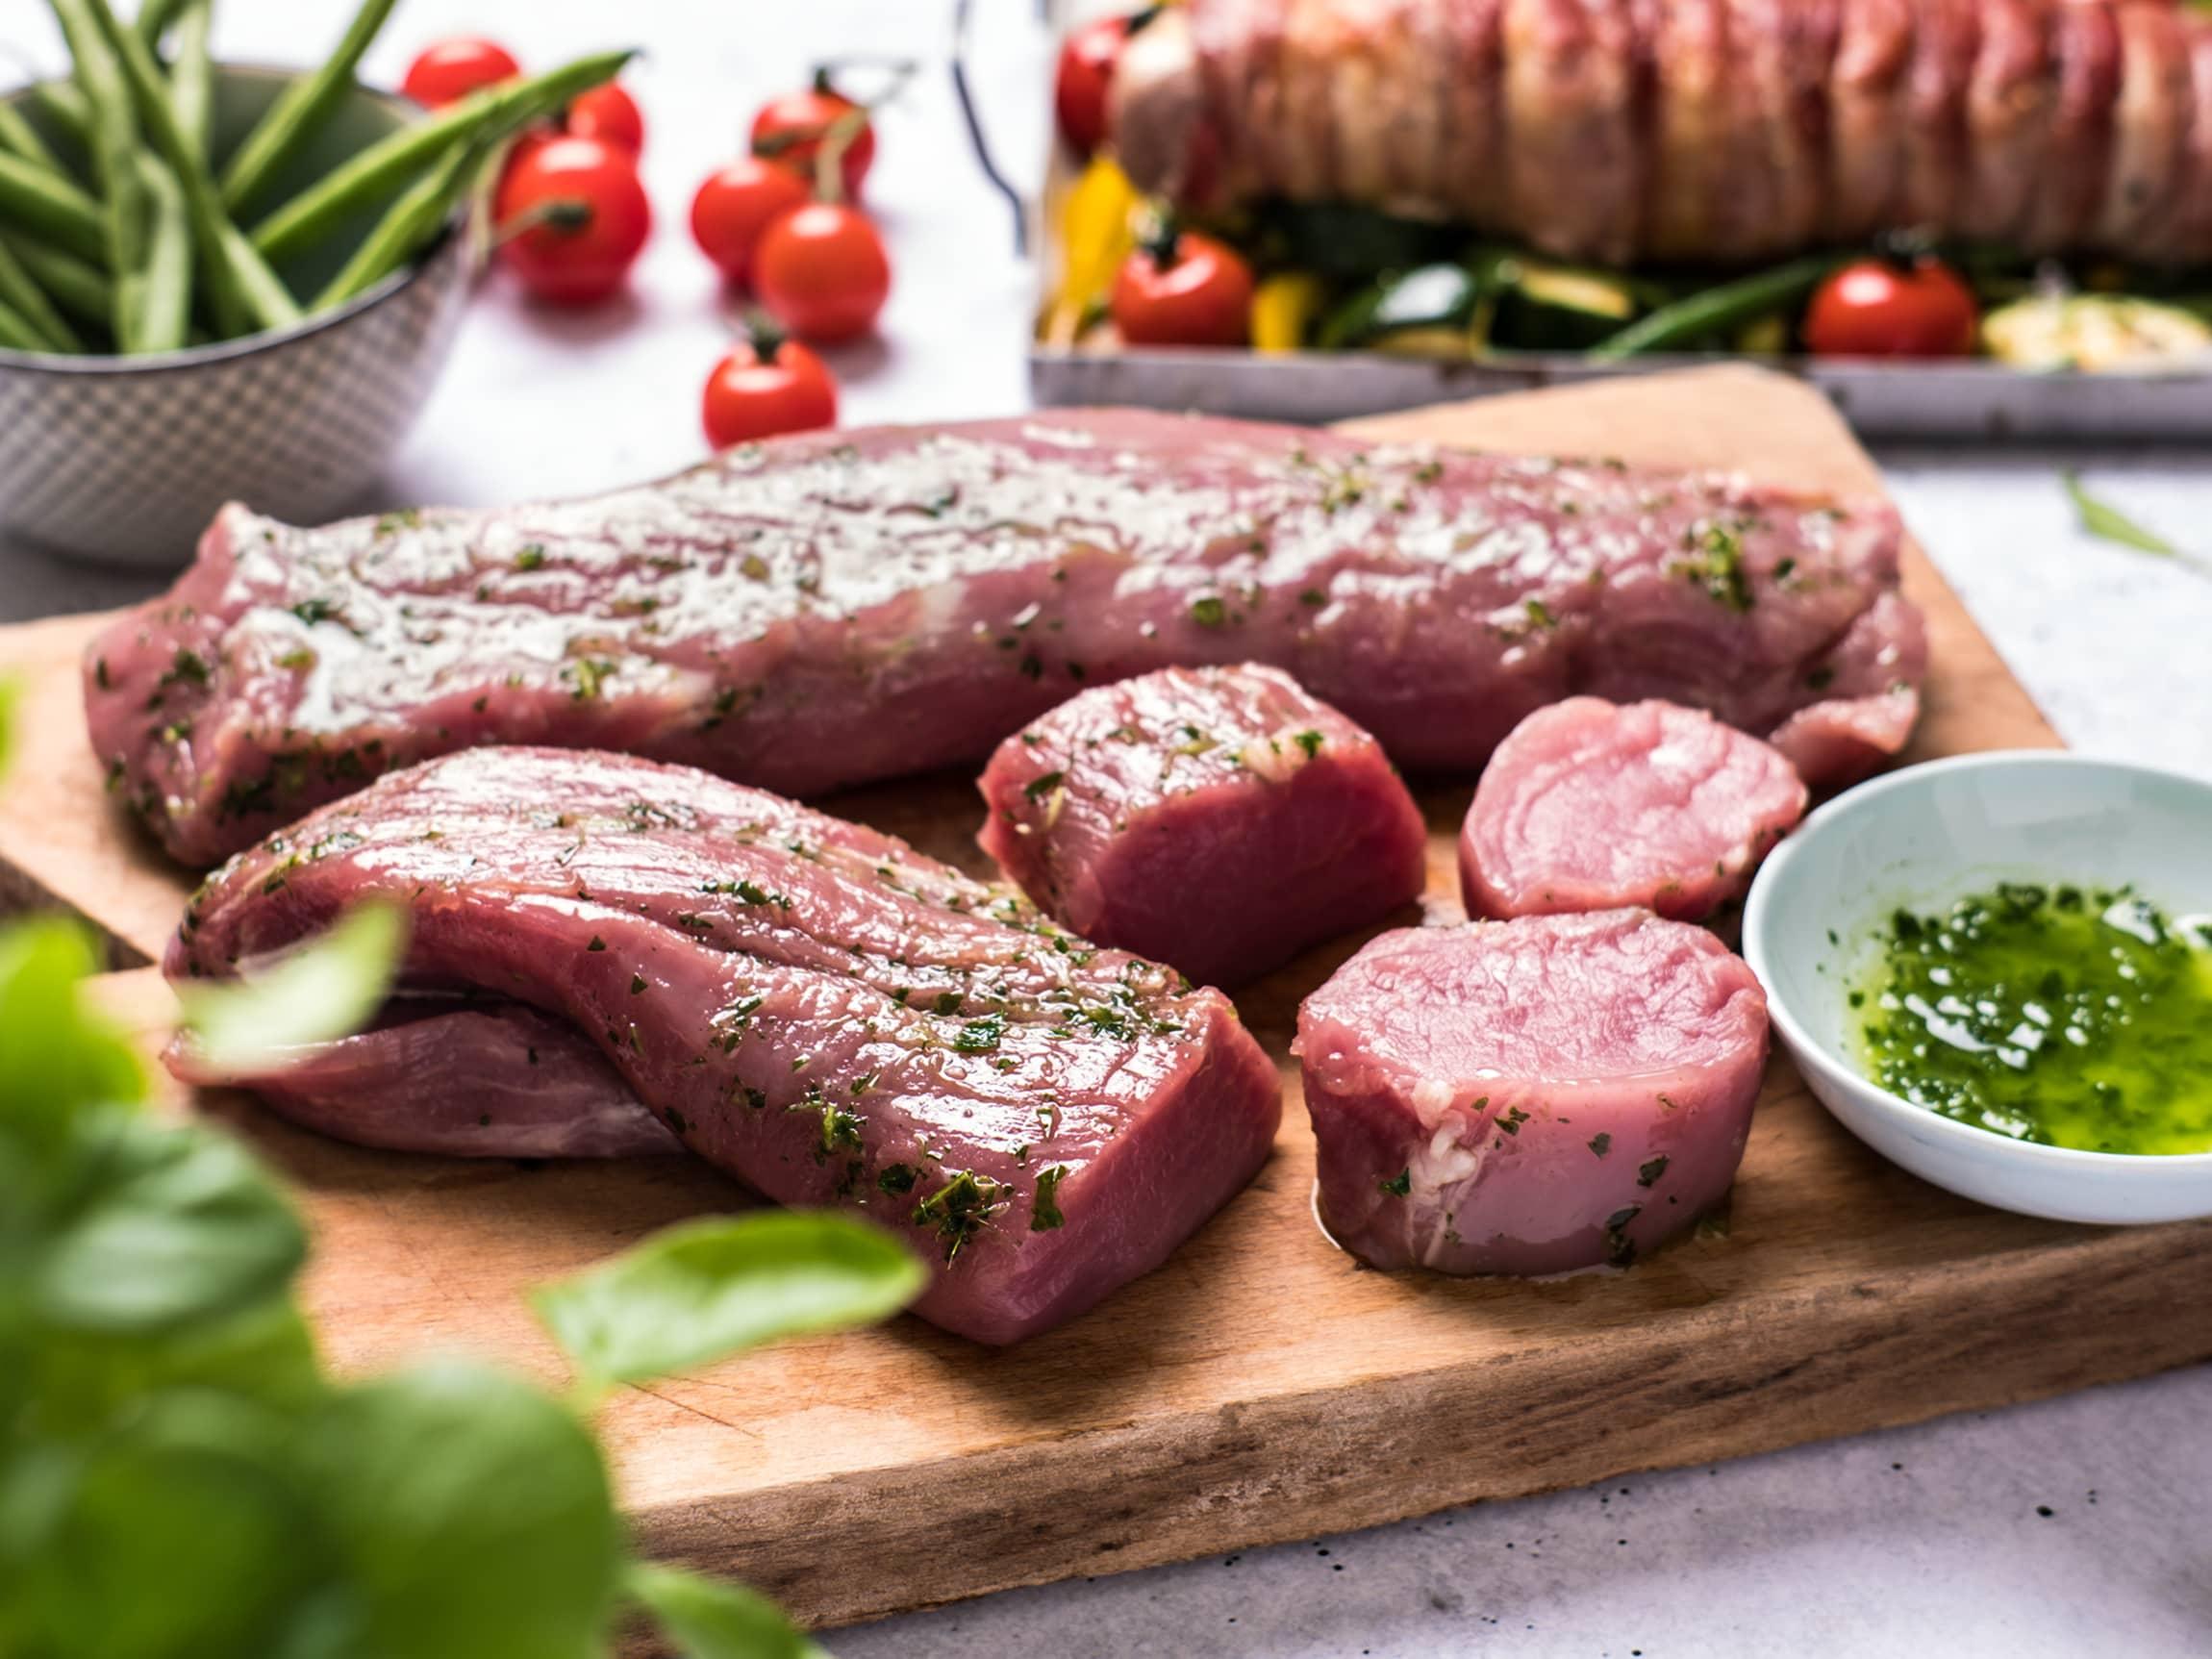 Indrefilet er det absolutt møreste kjøttet på dyret, og et godt valg når du vil ha det beste av det beste